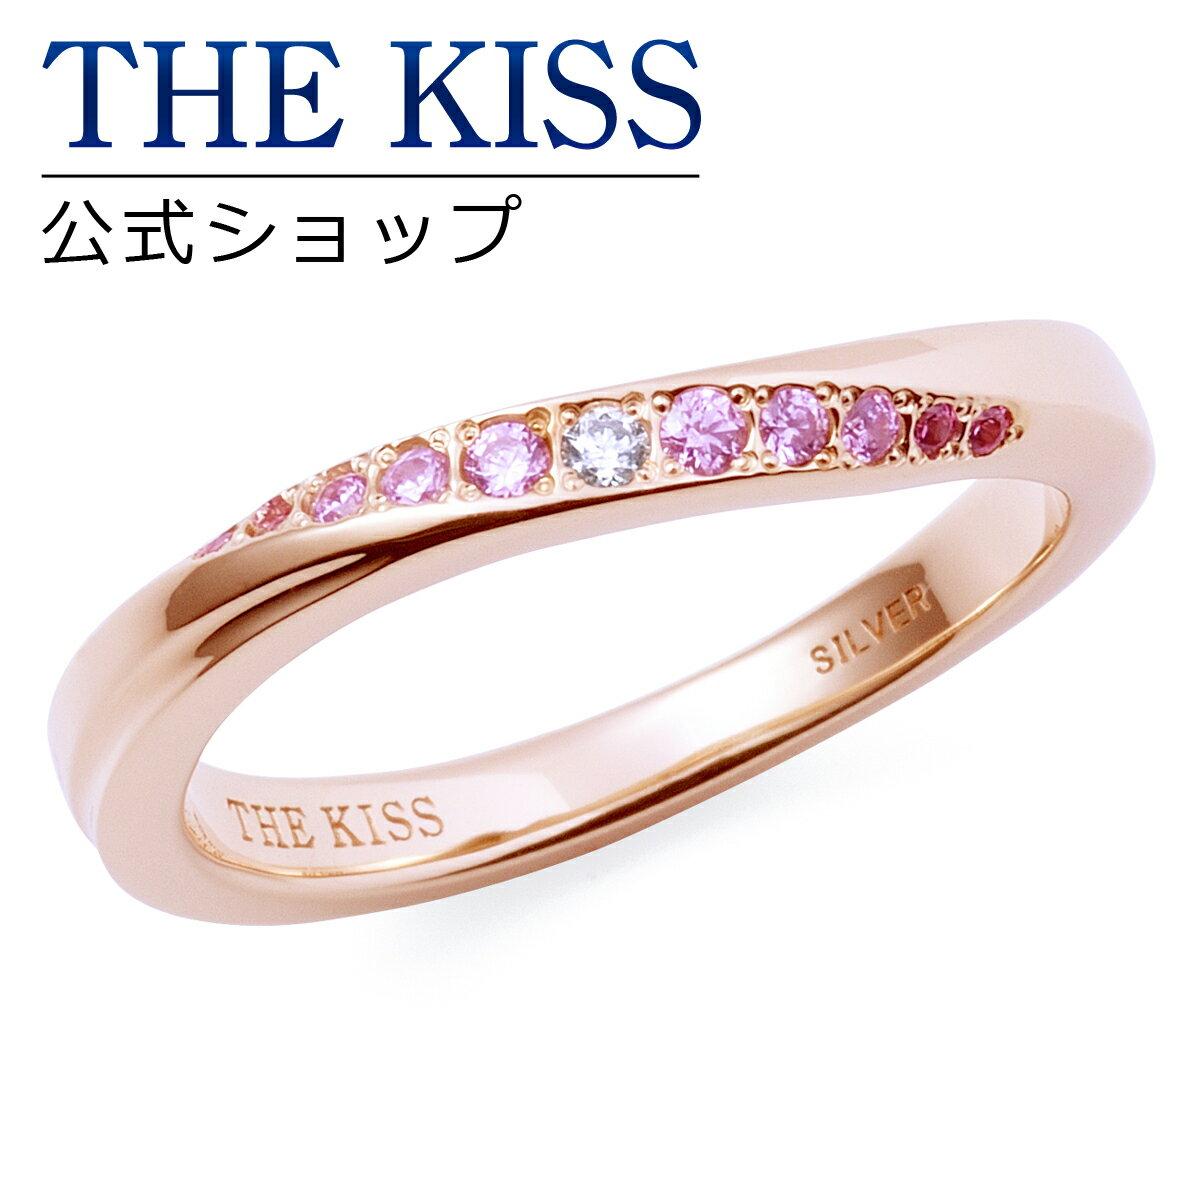 【あす楽対応】THE KISS 公式サイト シルバー ペアリング ( レディース 単品 ) ペアアクセサリー カップル に 人気 の ジュエリーブランド THEKISS ペア リング・指輪 記念日 プレゼント SR2430DM ザキス 【送料無料】